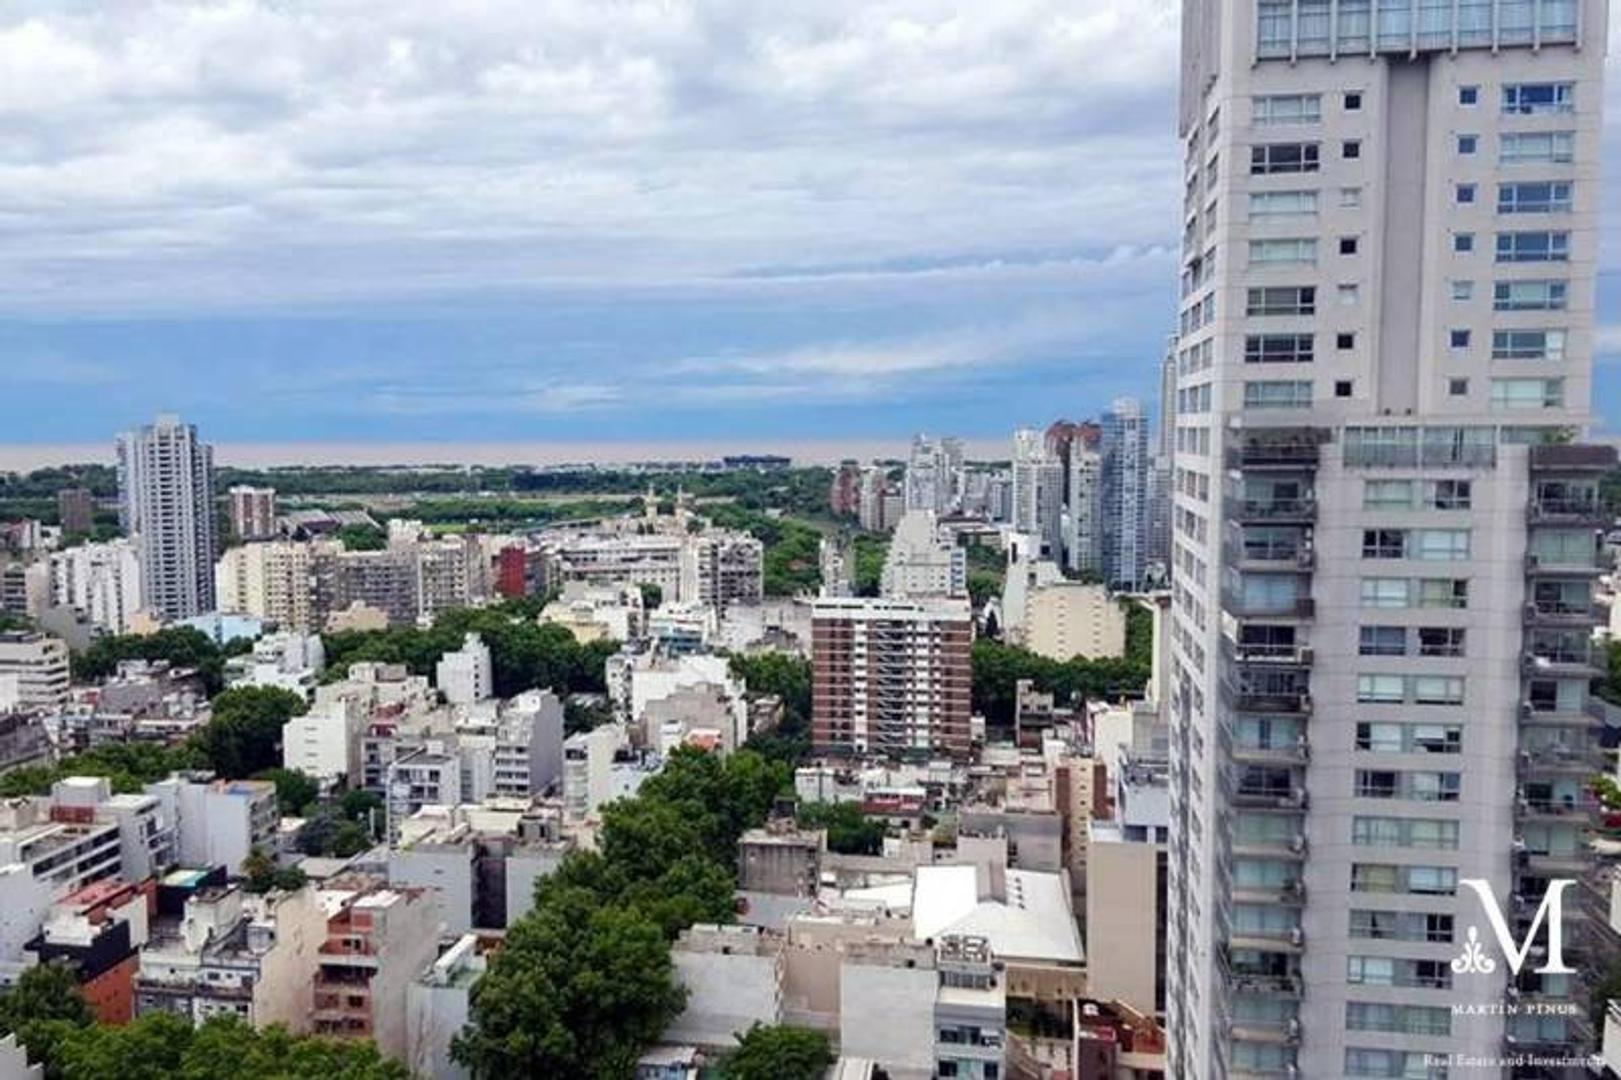 PALERMO - TORRE MIRABILIA - 3 AMB PISO ALTO VISTA RIO